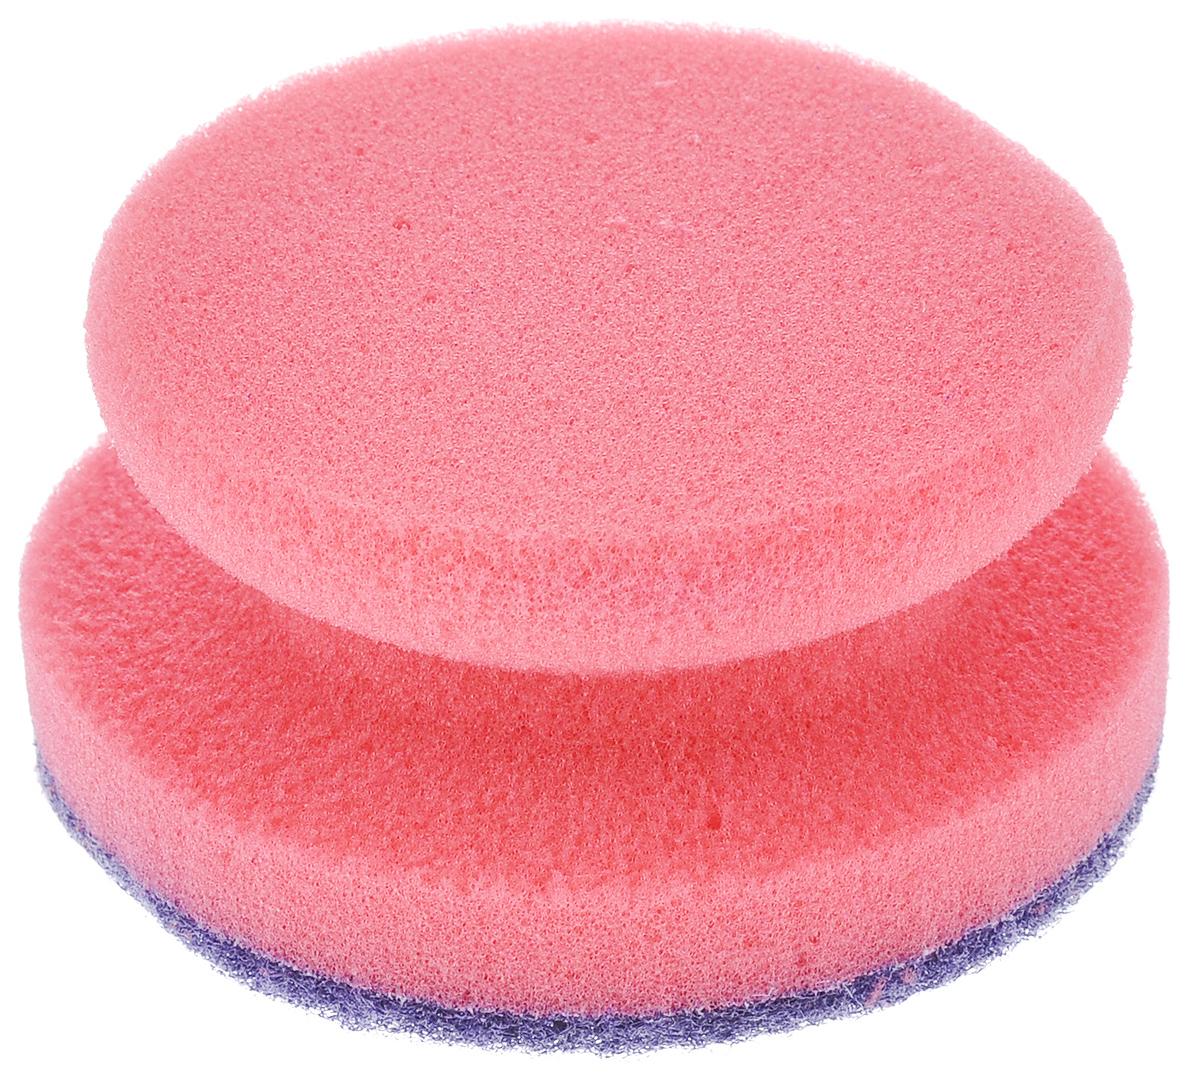 Губка для посуды La Chista Анатомик, с держателем, цвет: розовый, 9,5 см х 9,5 см х 4,5 см870323_розовыйКруглая губка La Chista Анатомик, изготовленная из мягкого поролона с абразивными материалами, предназначена для уборки и мытья посуды. Они идеально удаляют жир, грязь и пригоревшую пищу. Форма губки позволяет удобно ее удерживать. Особенности: Изготовлены из экологически чистого сырья. Не содержит фреонов и метилгидрохлорида. Высокая плотность поролона экономит моющее средство.